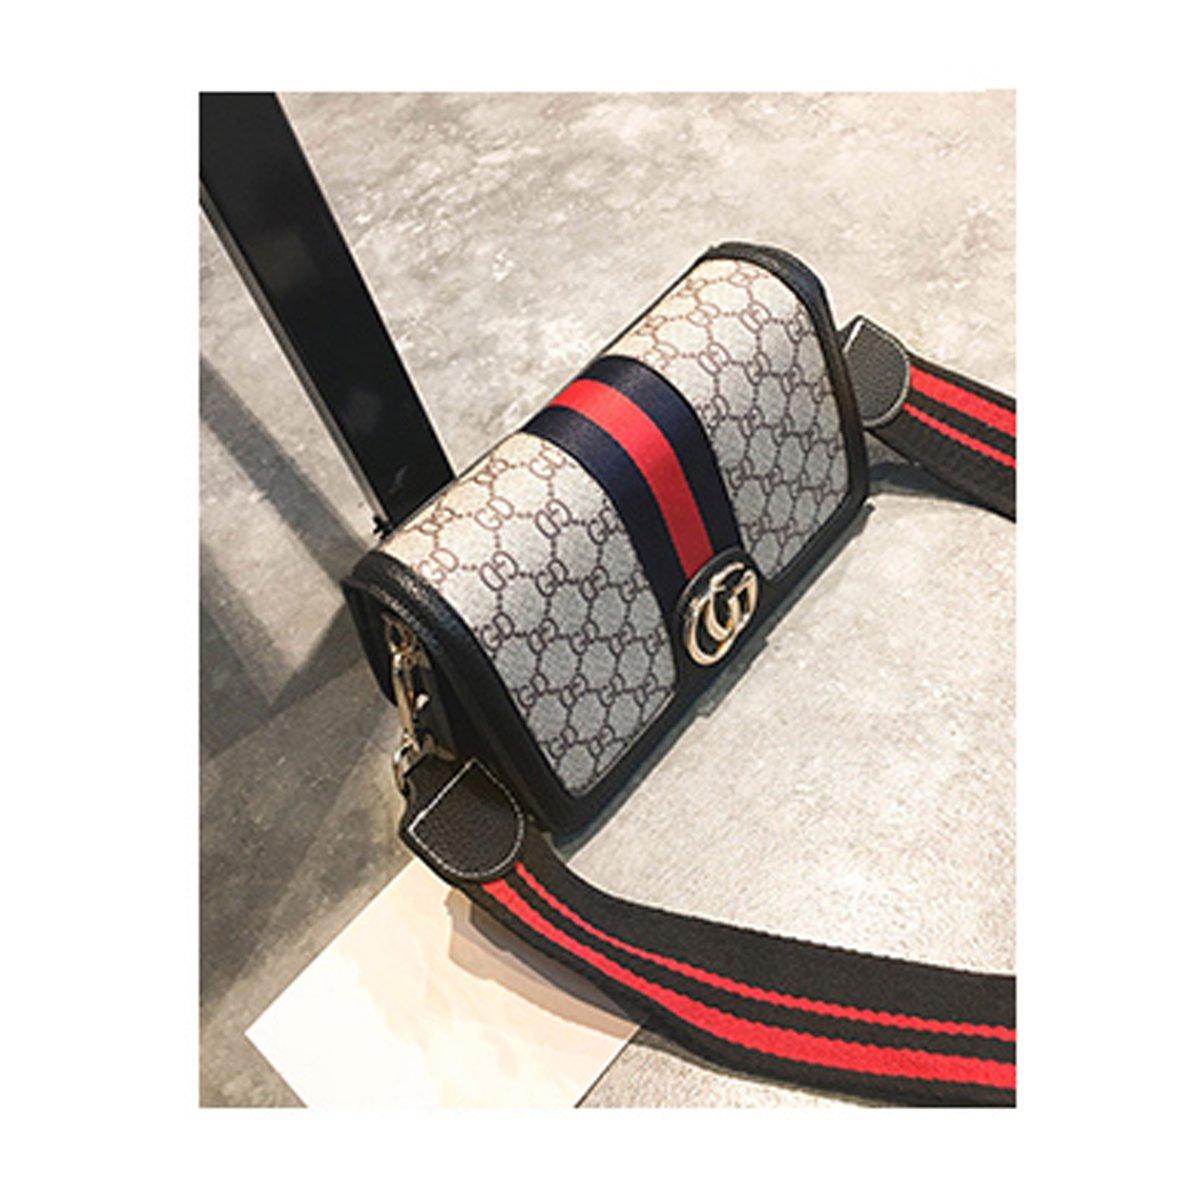 2018 Damenmode Printing Kleine Partei Tasche Mini Schultertasche Messenger Messenger Bag (Grün, 23 * 9 * 14 cm) XNRHH